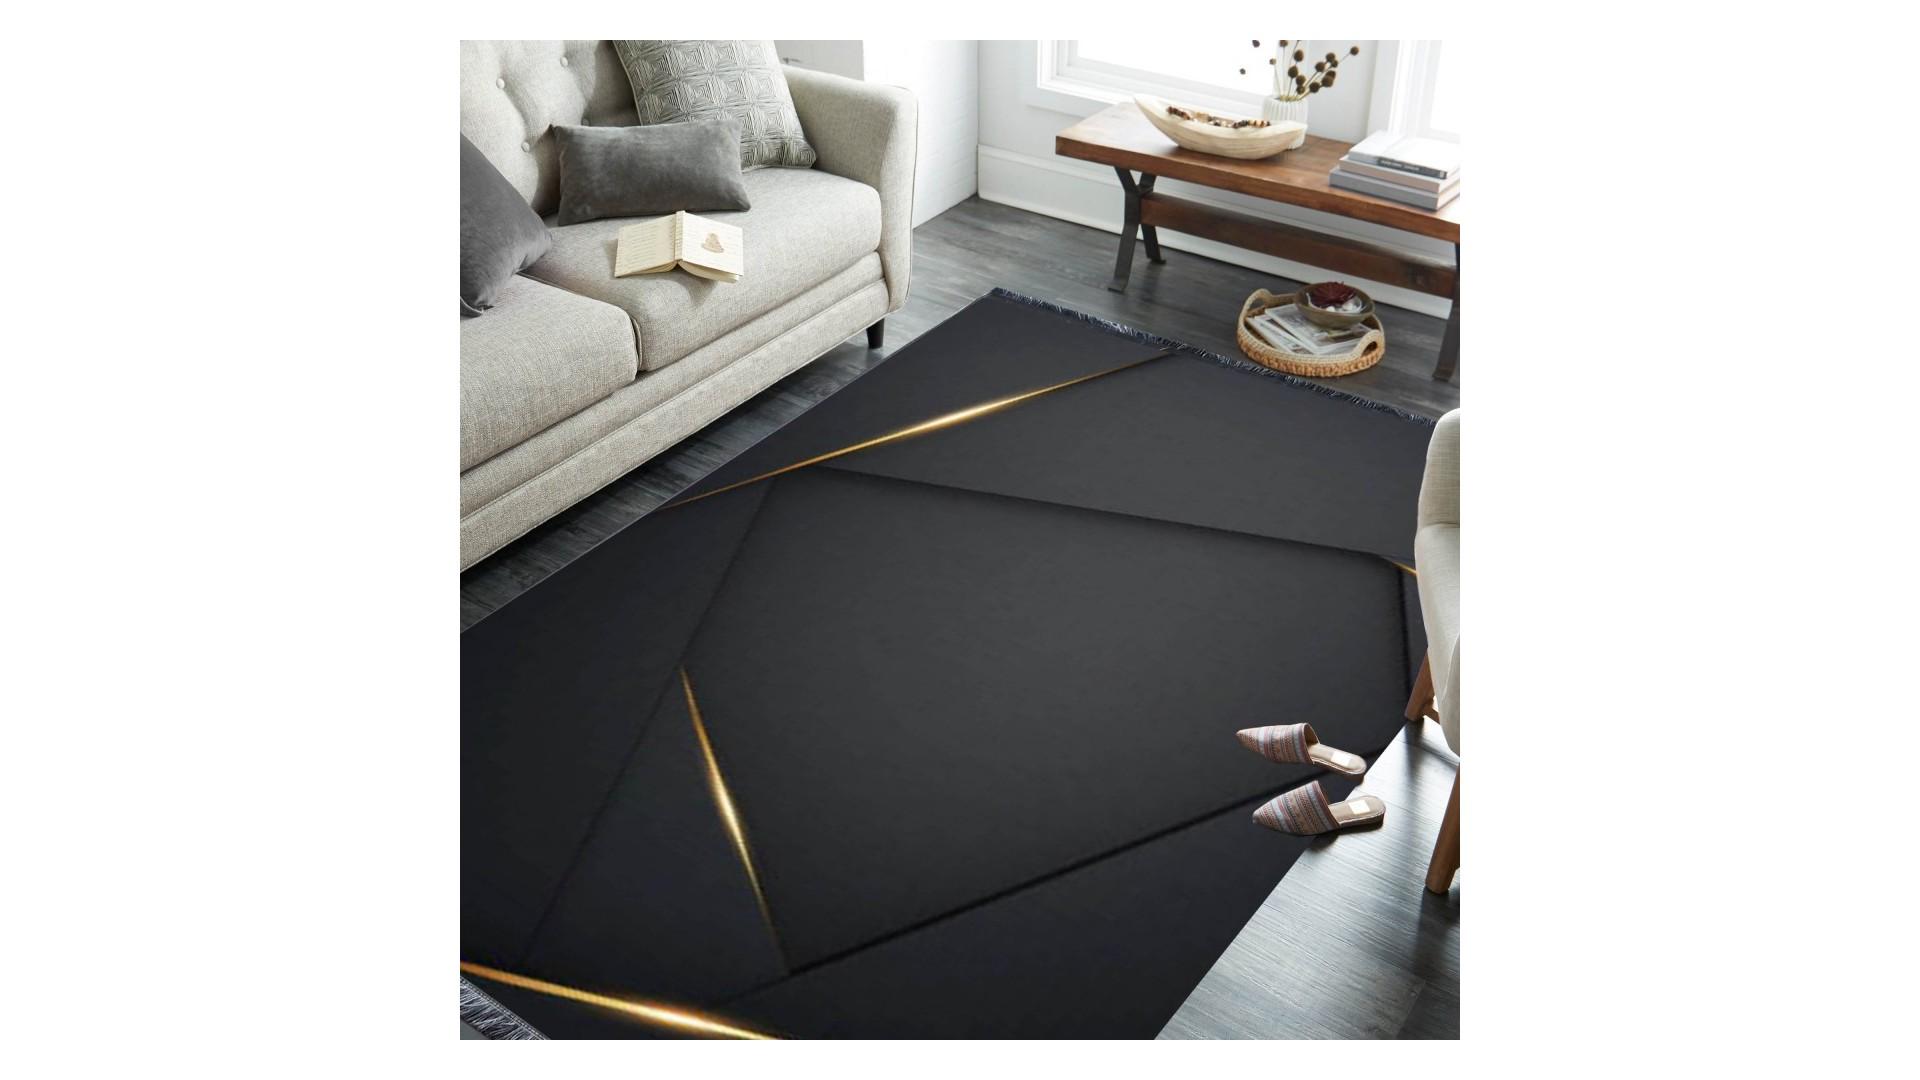 Elegancki dywan FLASH z kolekcji Horeca zachwyca głęboką czernią i złotymi refleksami.